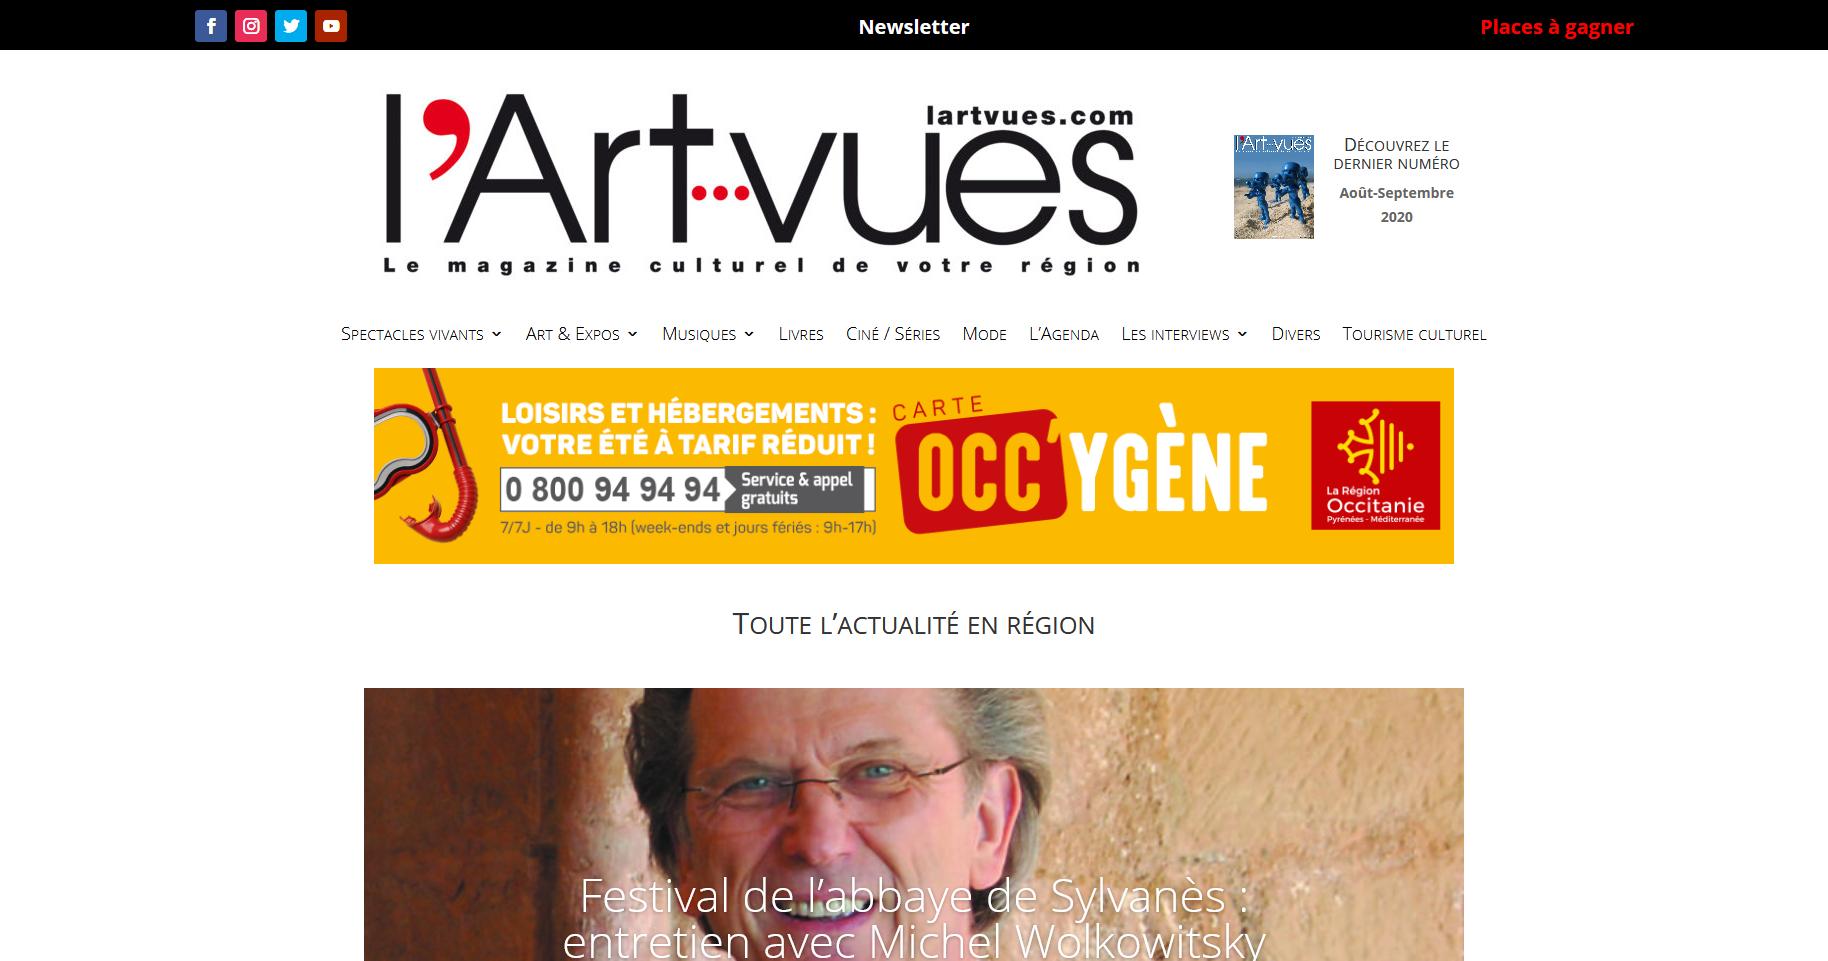 Lartvues.com